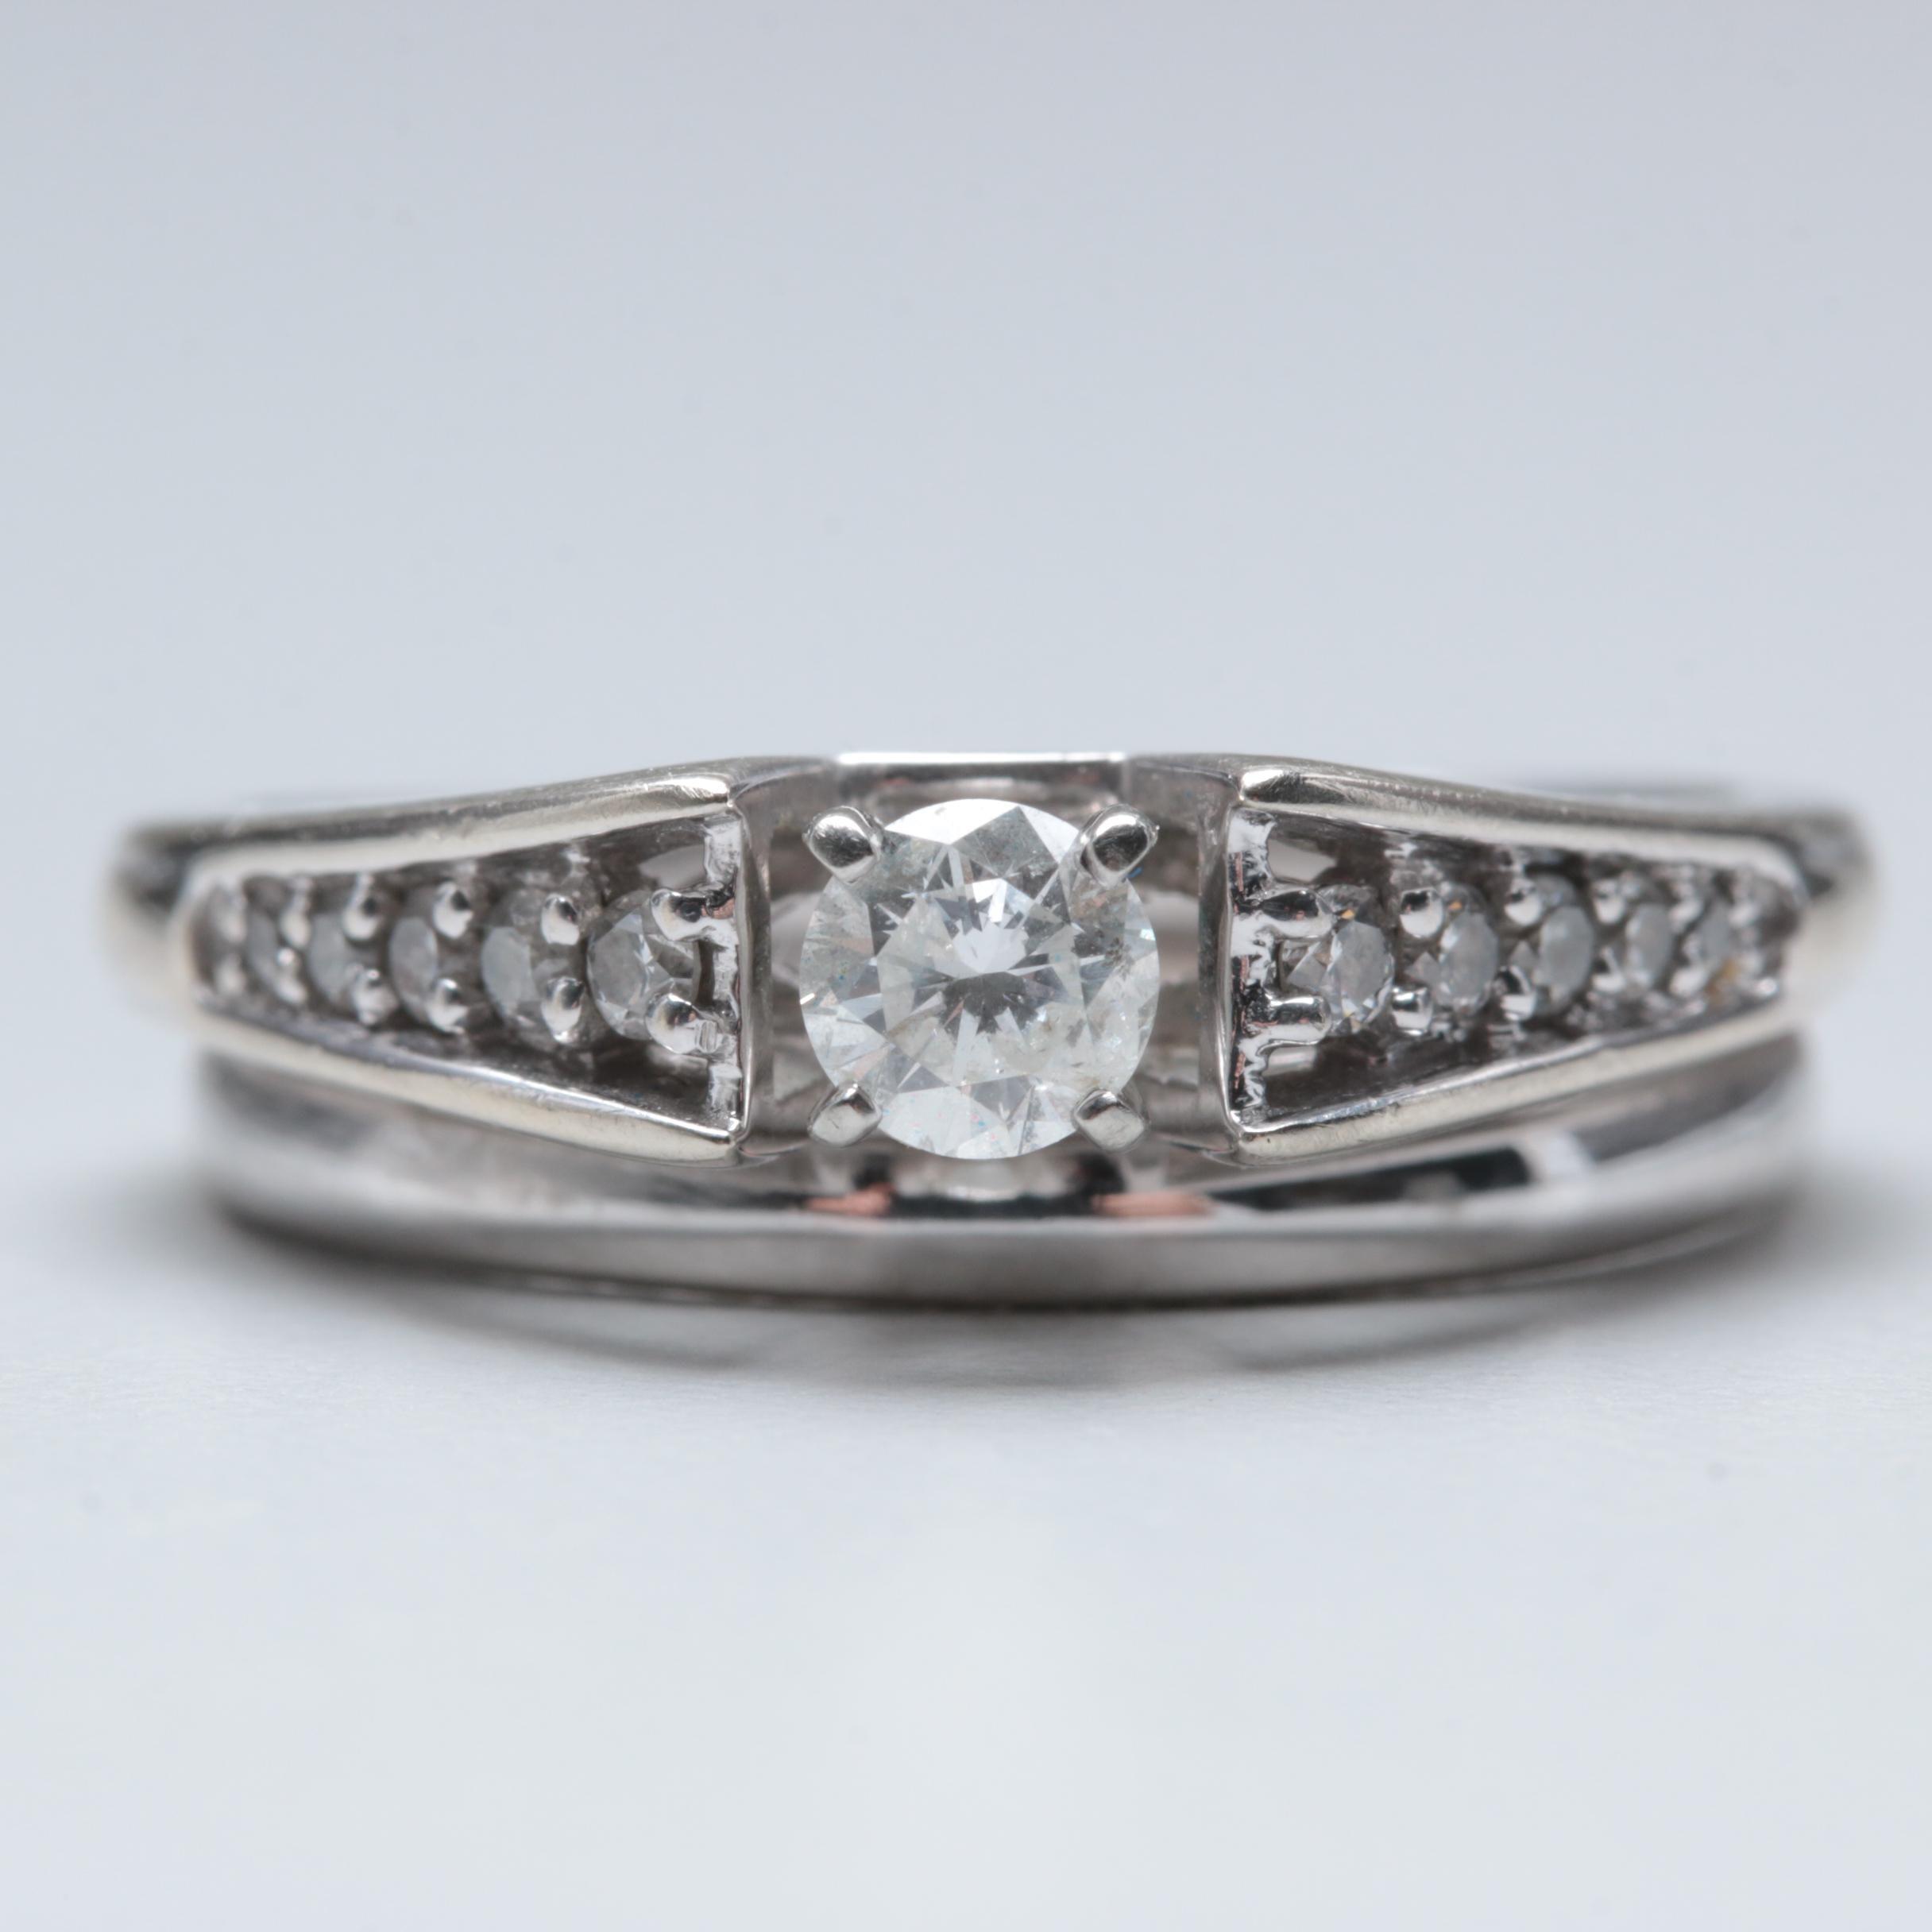 14K White Gold Diamond Soldered Ring Set